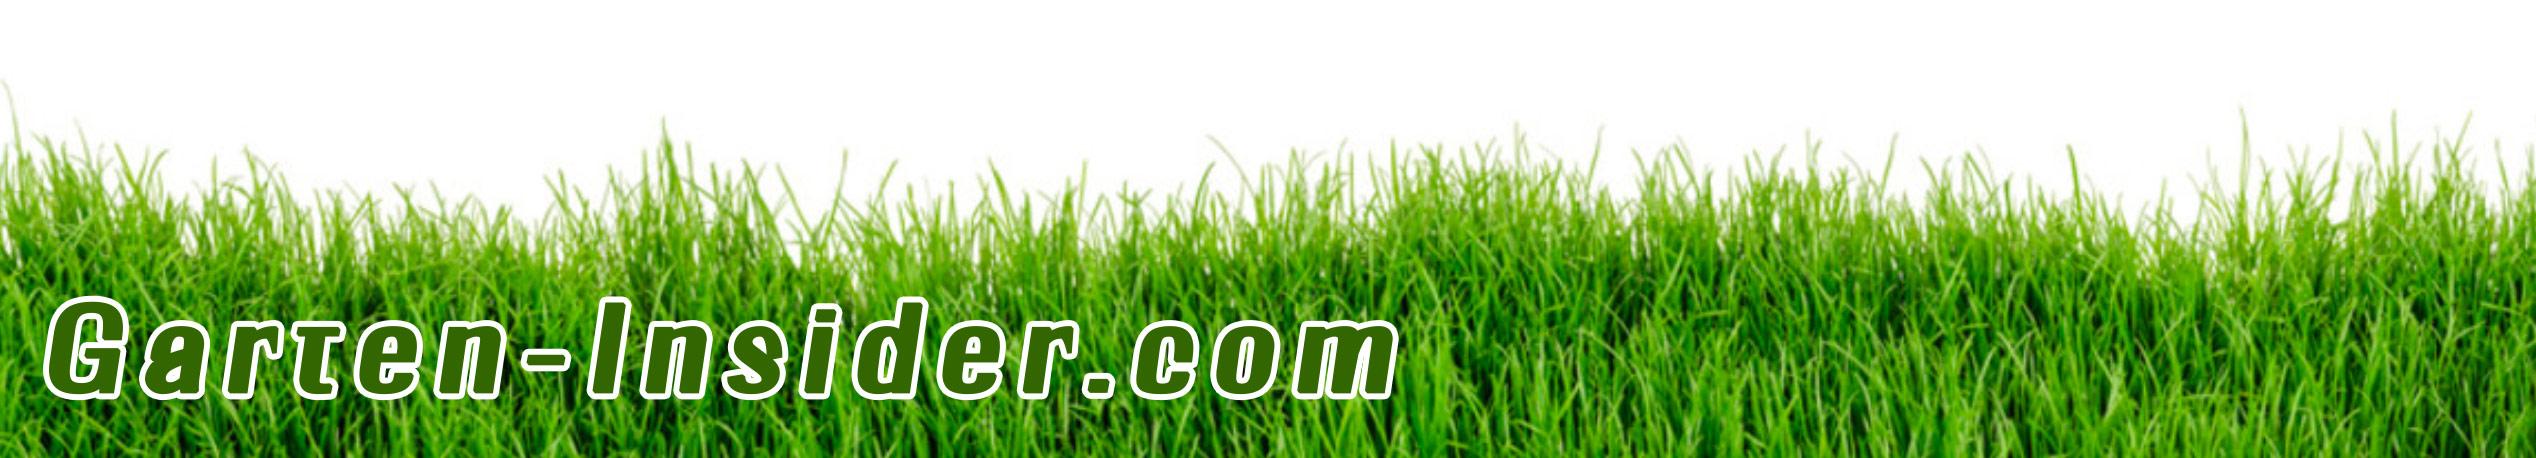 Holzfliesen Terrassenfliesen Vergleich Diese Fliesen Sind Top - Holzfliesen testbericht